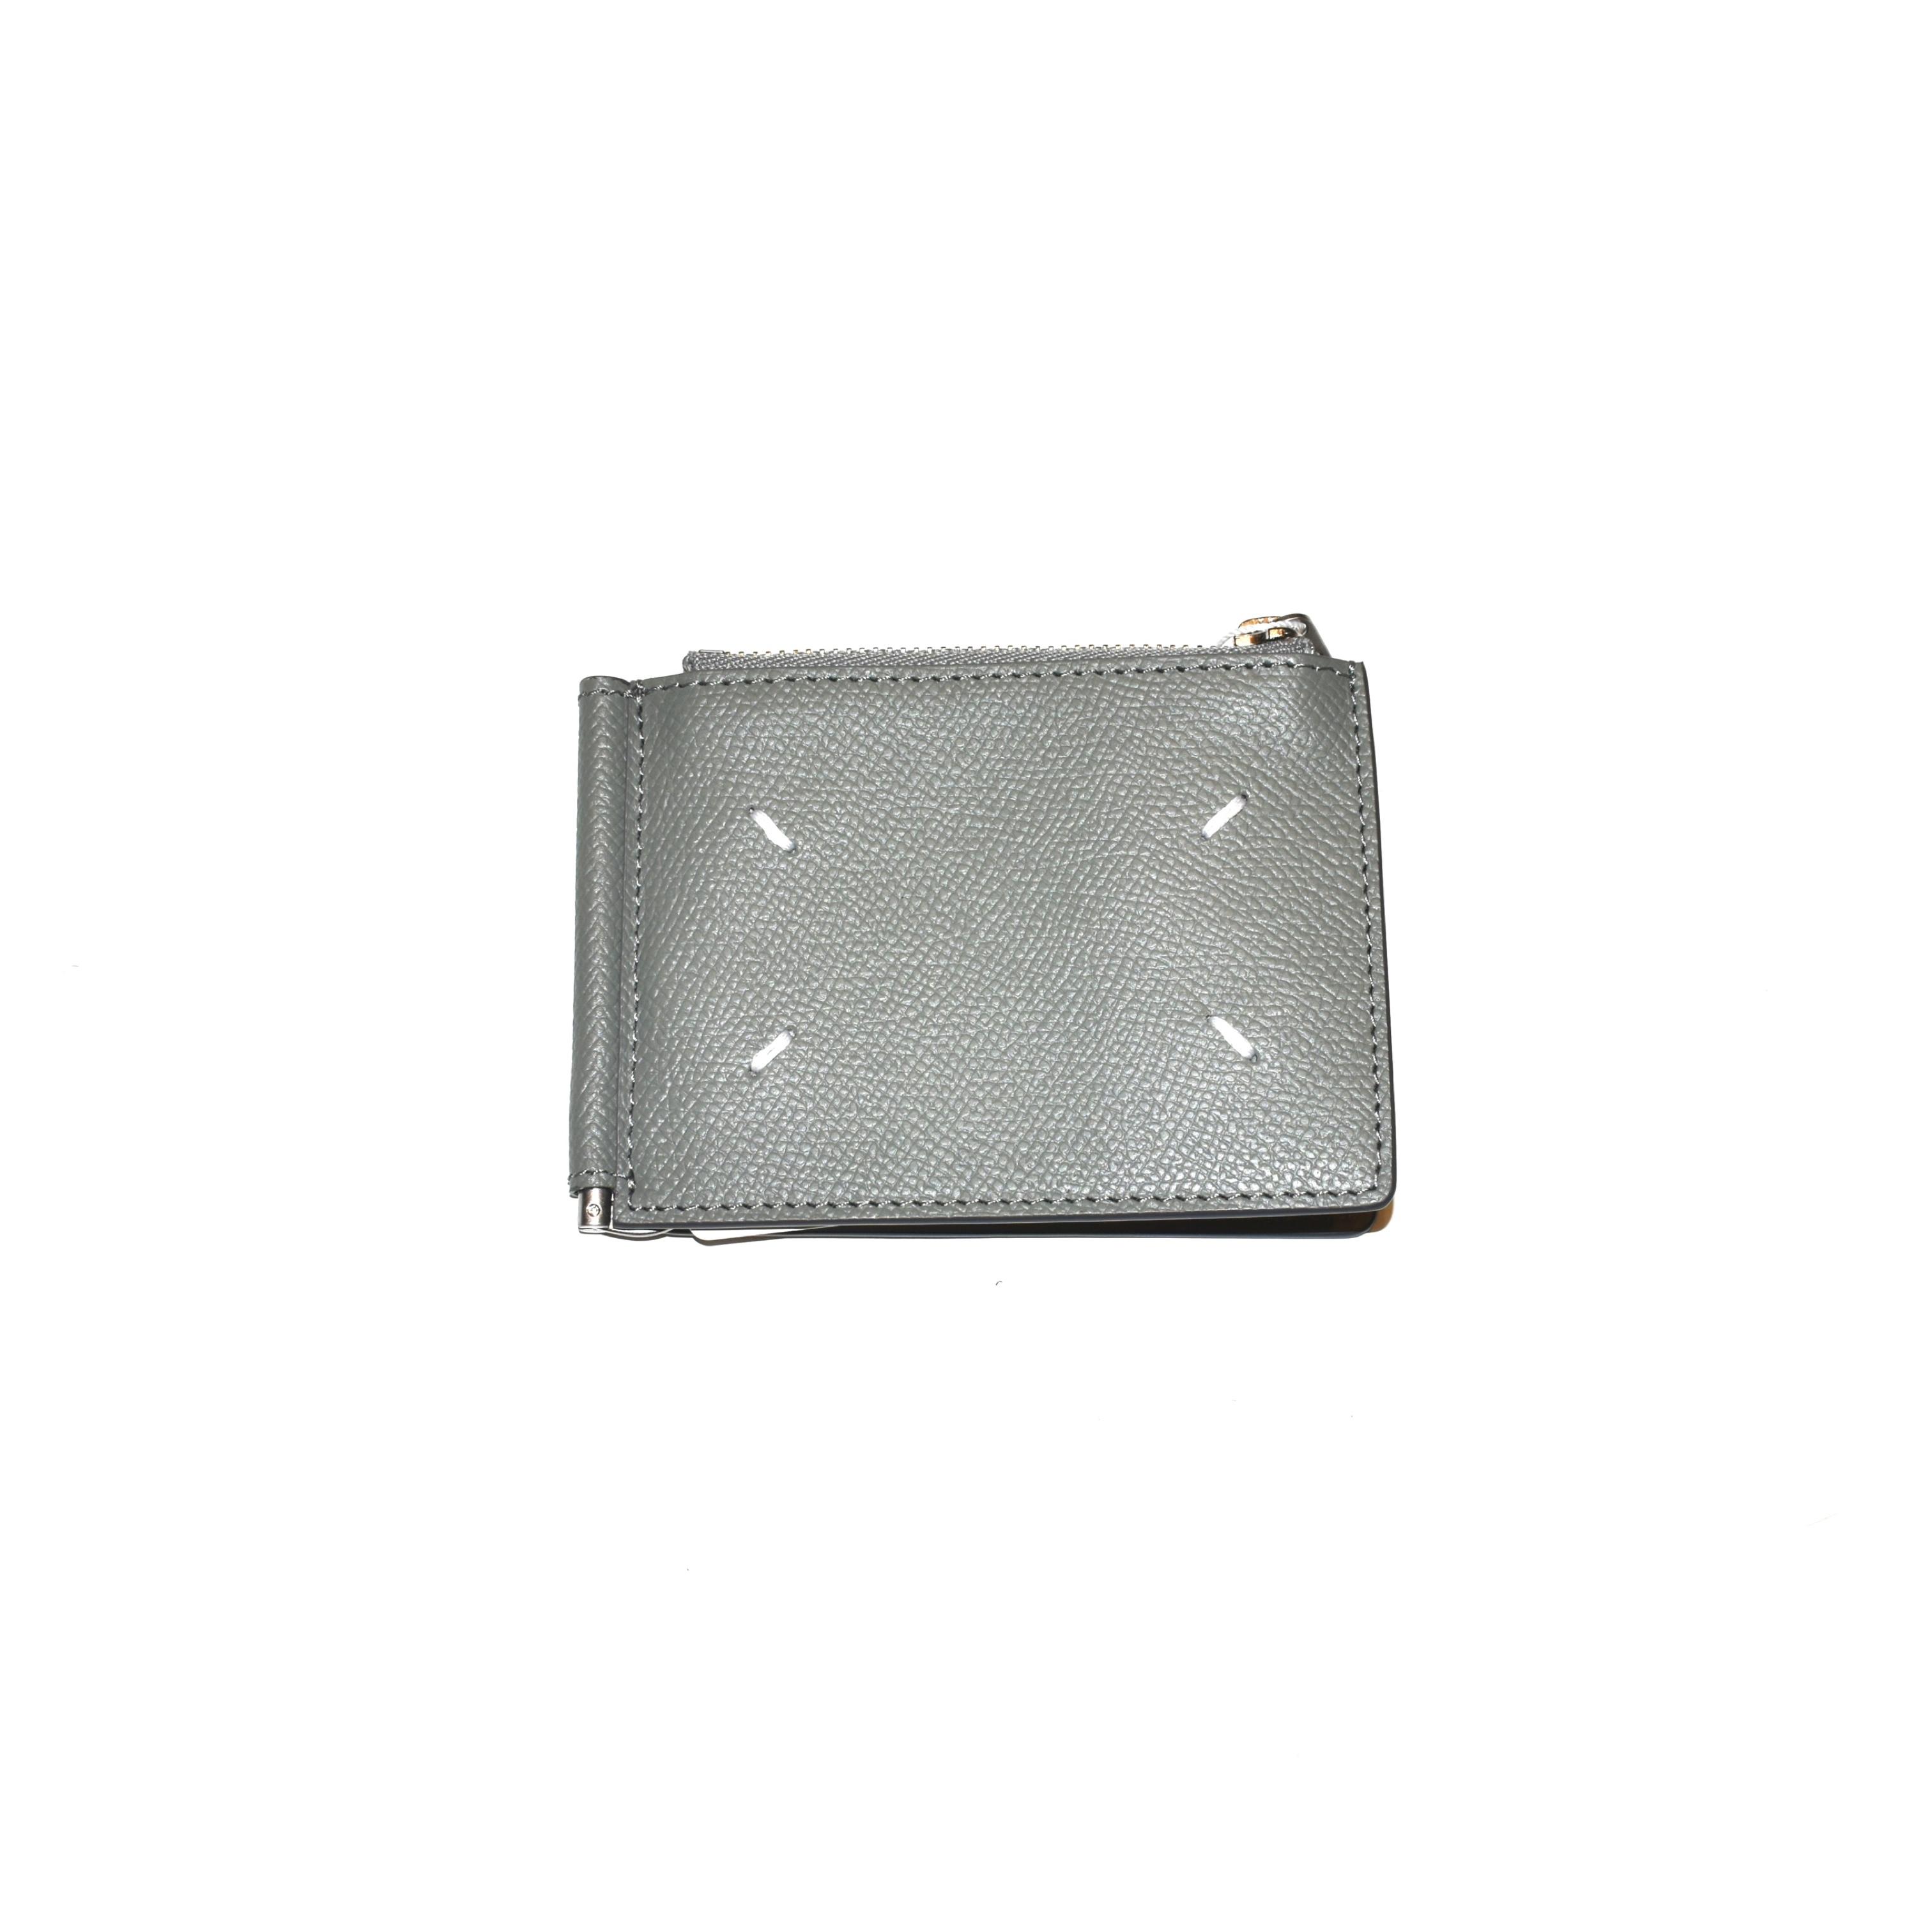 Maison Margiela 4 Stitch Money Clip Wallet